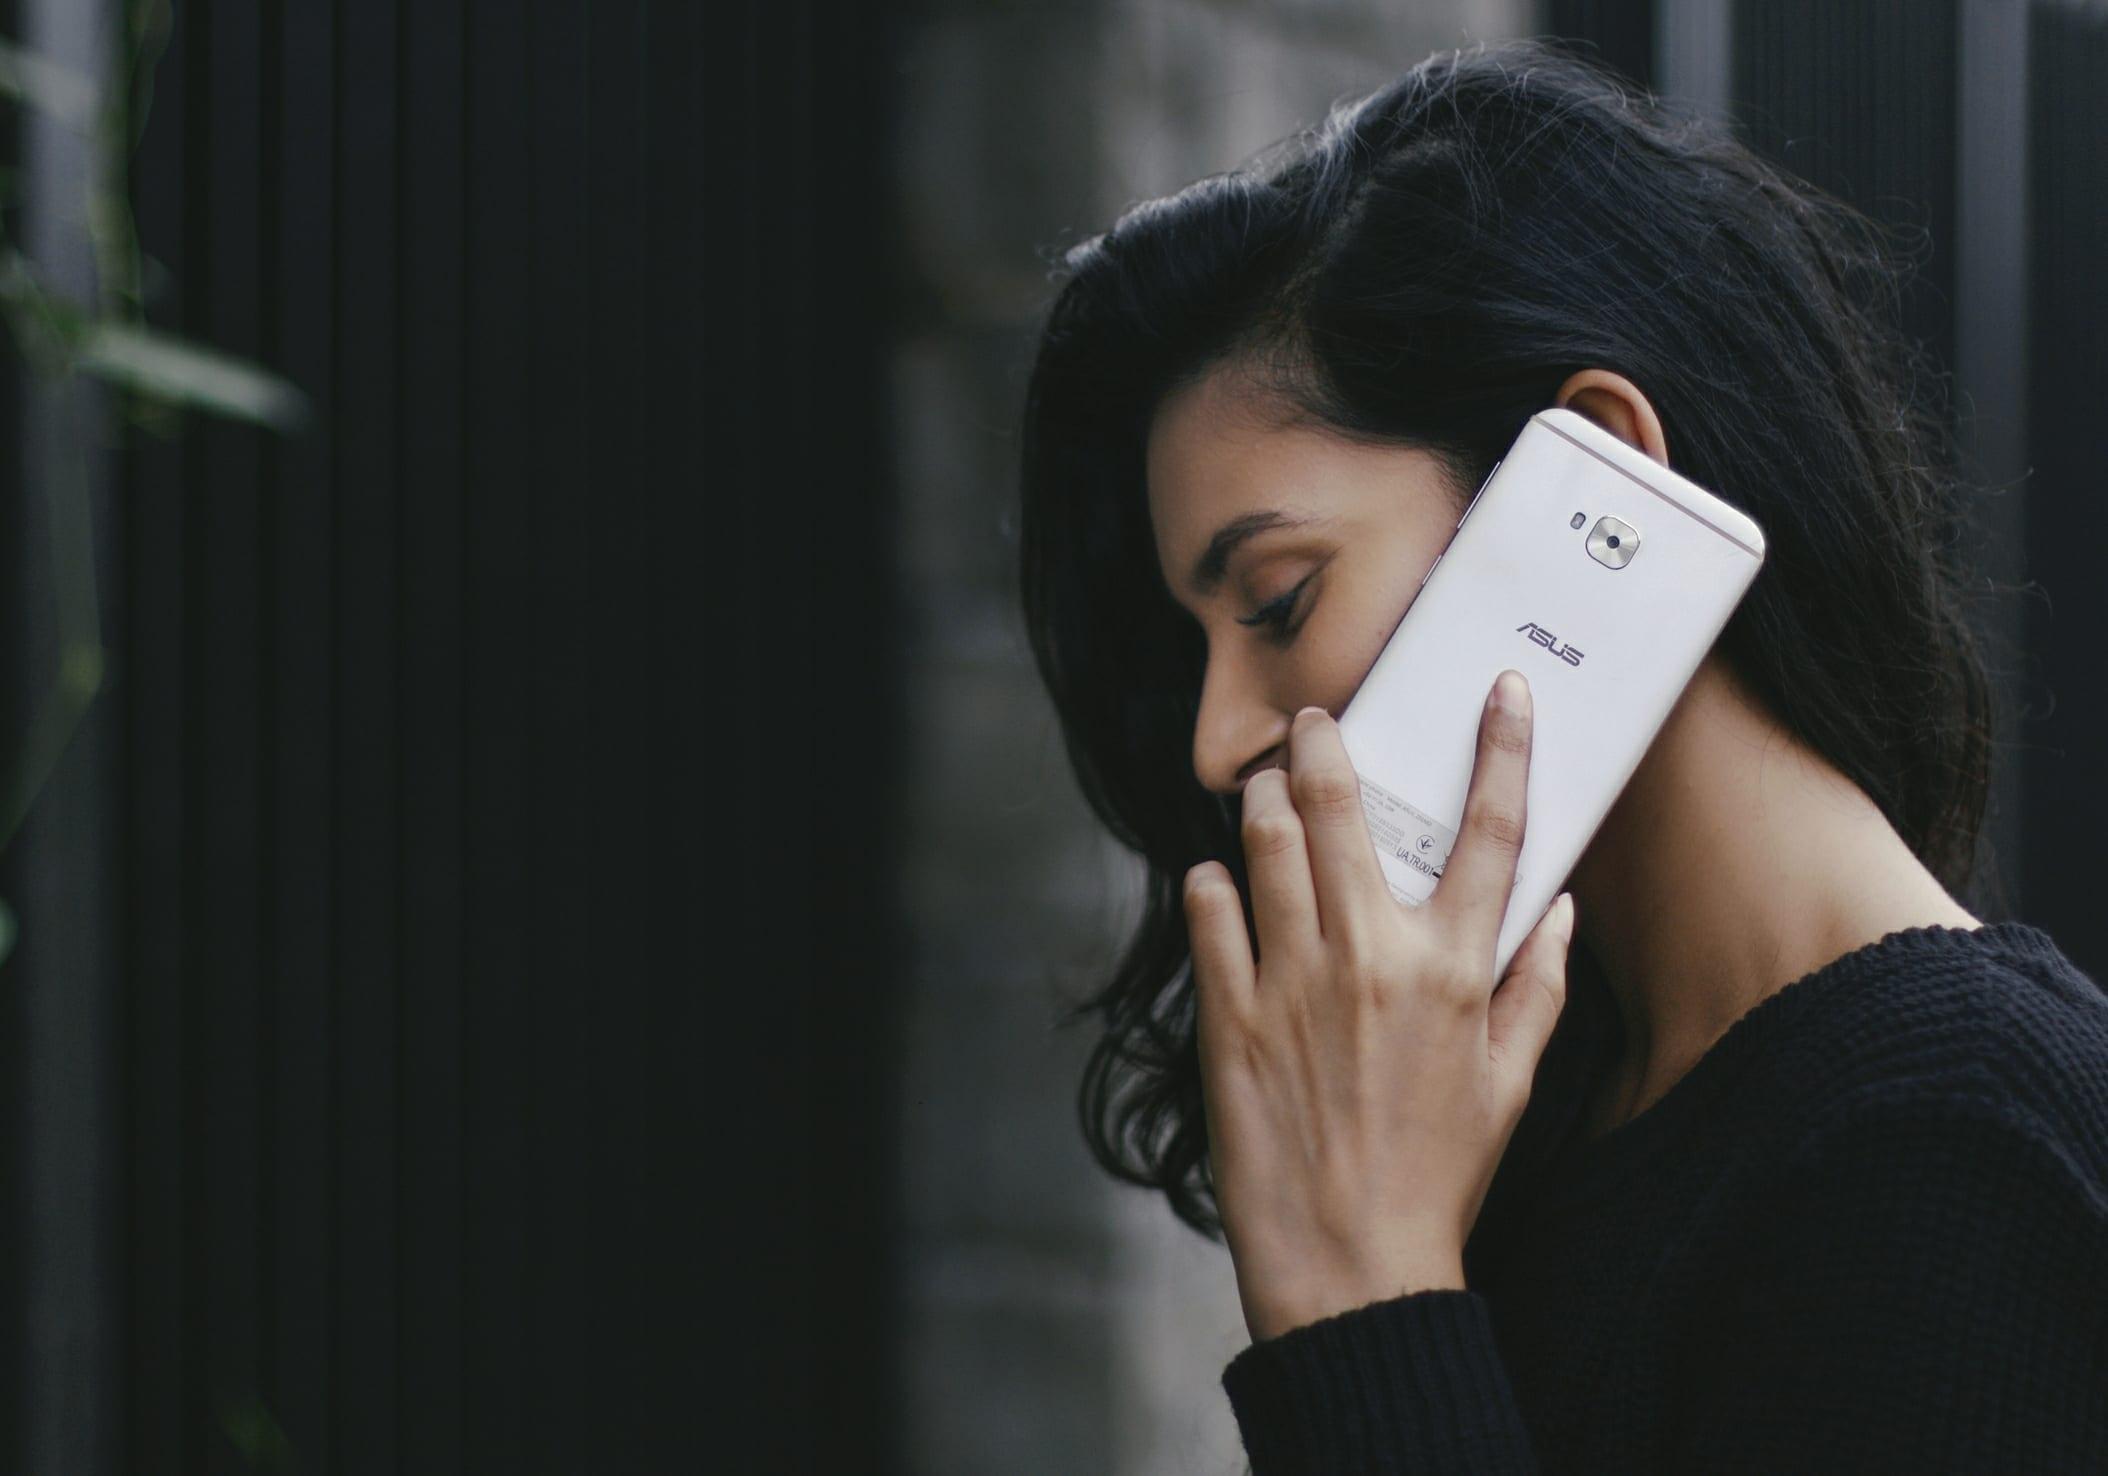 ASUS-Zenfone-4-Selfie-Pro-Shanaya